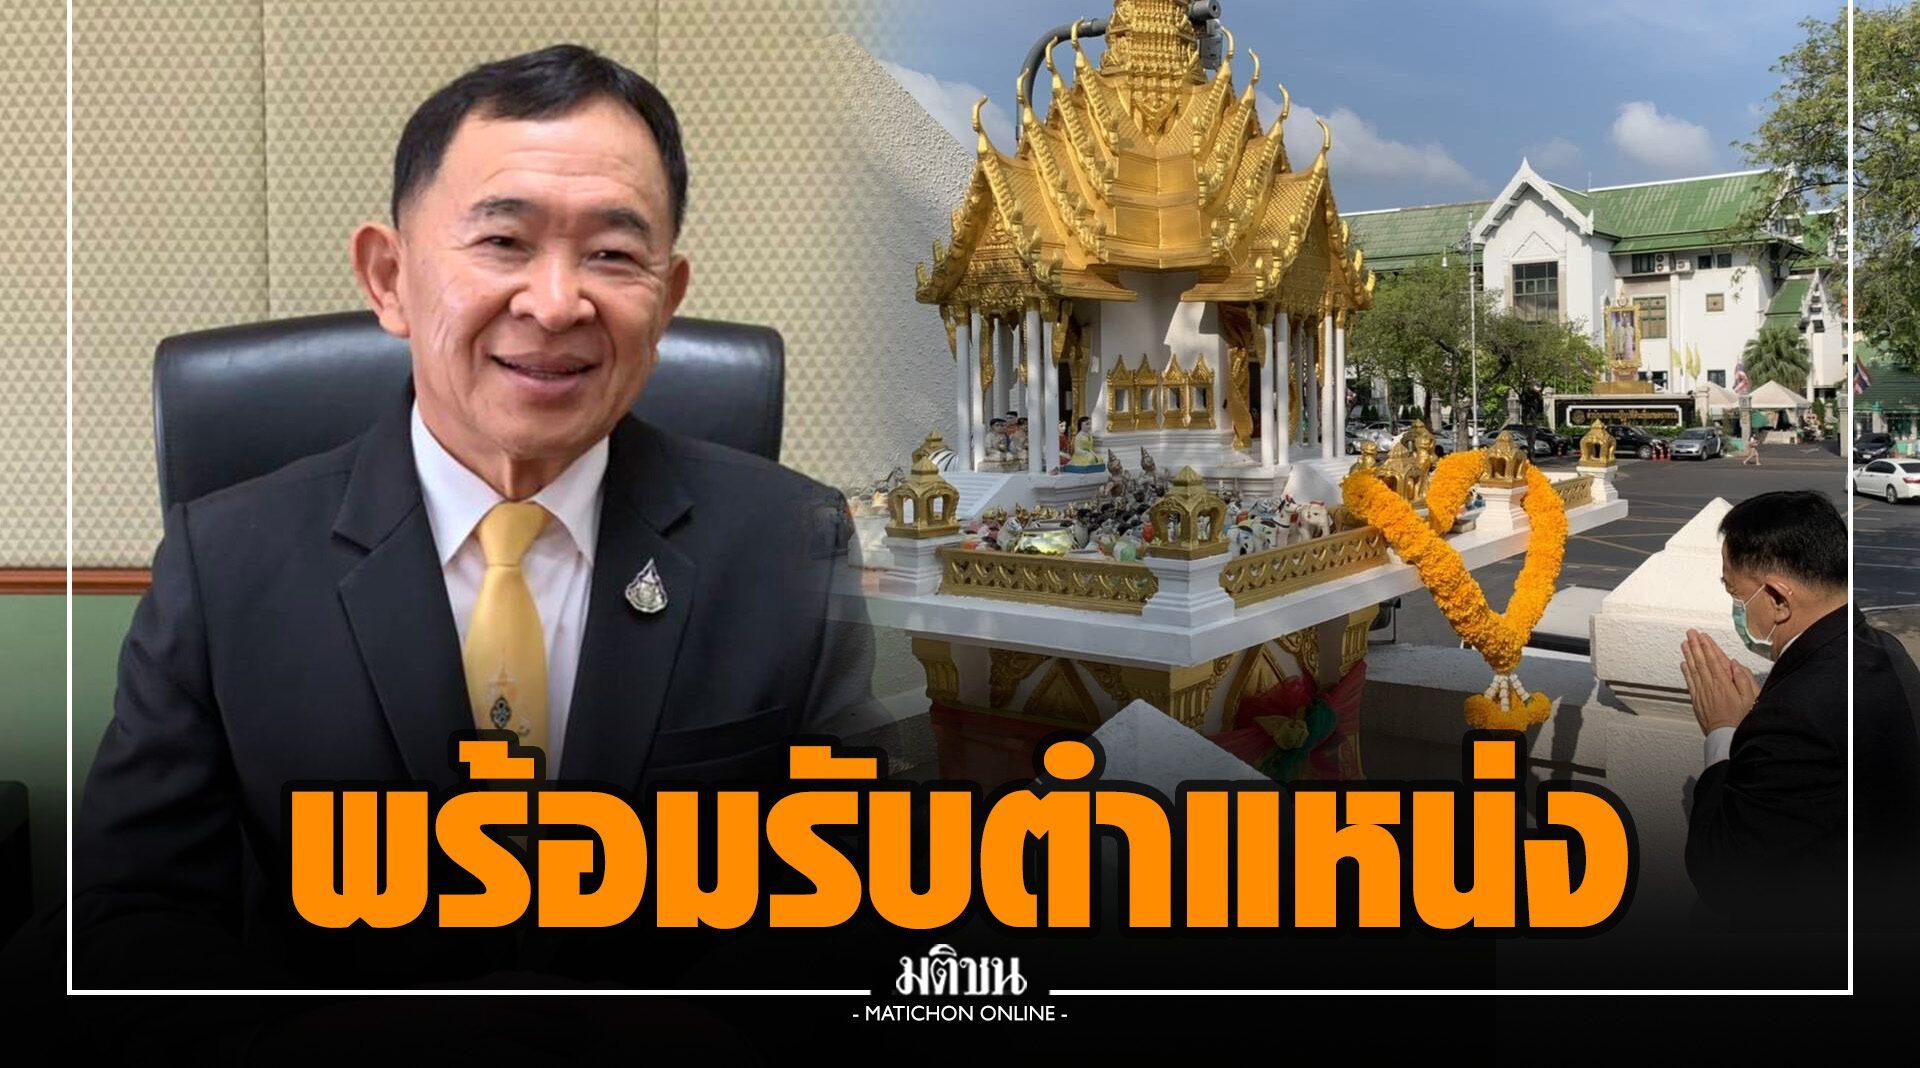 'วีรศักดิ์' รัฐมนตรีช่วยฯคมนาคมป้ายแดง ยืดอกพร้อมรับตำแหน่ง ย้ำจะทำให้ดีที่สุด